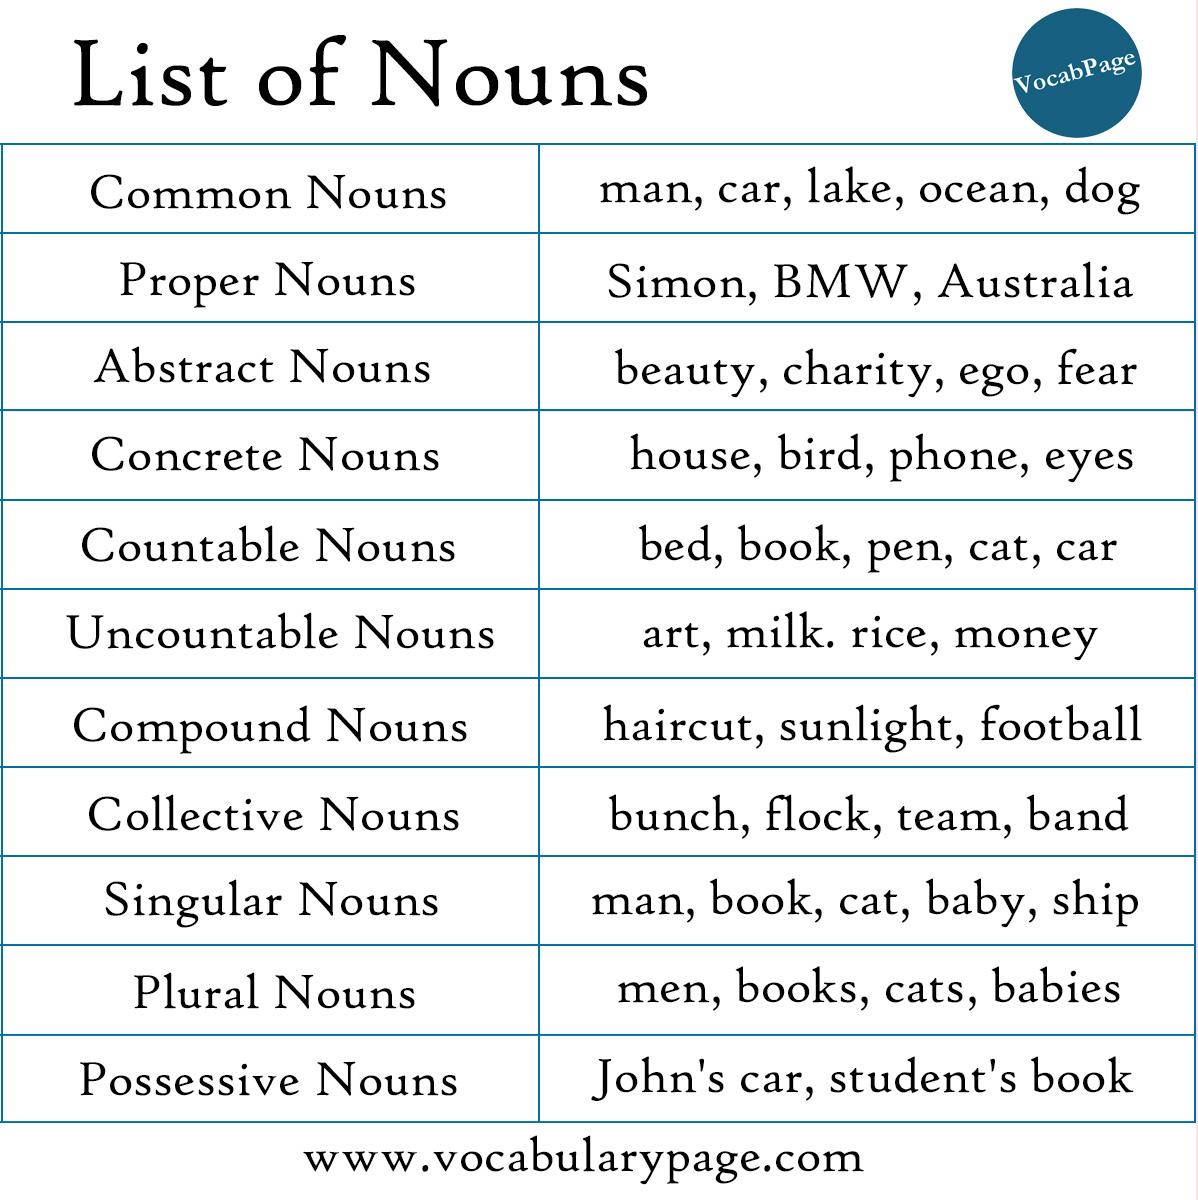 Vocabularypage Nouns